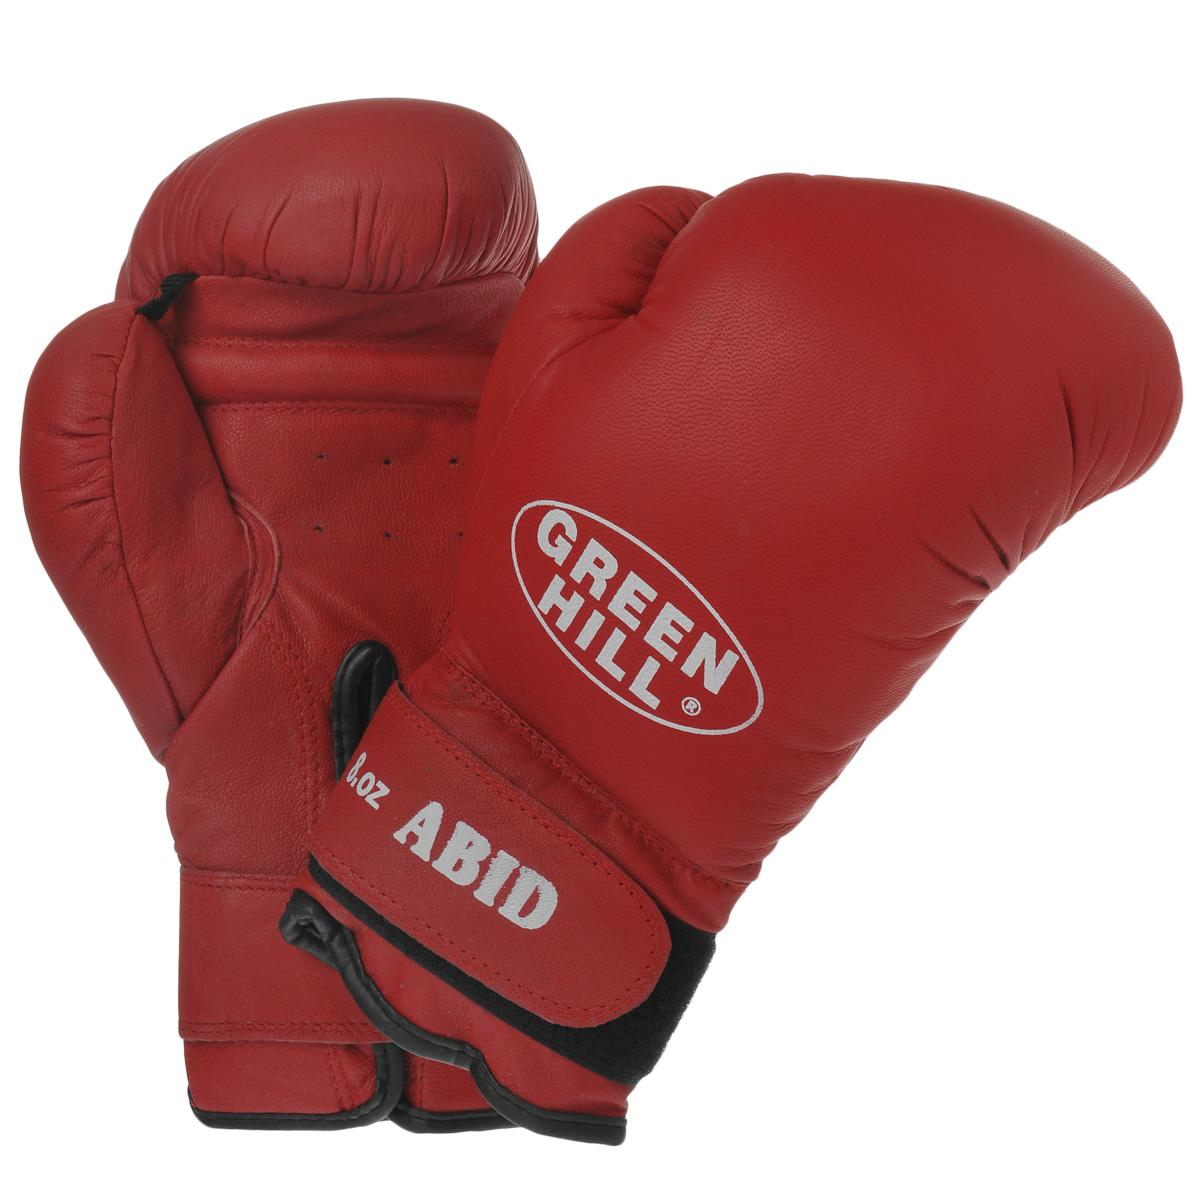 Перчатки боксерские Green Hill Abid, цвет: красный. Вес 8 унцийBGA-2024Боксерские тренировочные перчатки Green Hill Abid выполнены из натуральной кожи. Они отлично подойдут для начинающих спортсменов. Мягкий наполнитель из очеса предотвращает любые травмы. Широкий ремень, охватывая запястье, полностью оборачивается вокруг манжеты, благодаря чему создается дополнительная защита лучезапястного сустава от травмирования. Застежка на липучке способствует быстрому и удобному одеванию перчаток, плотно фиксирует перчатки на руке.